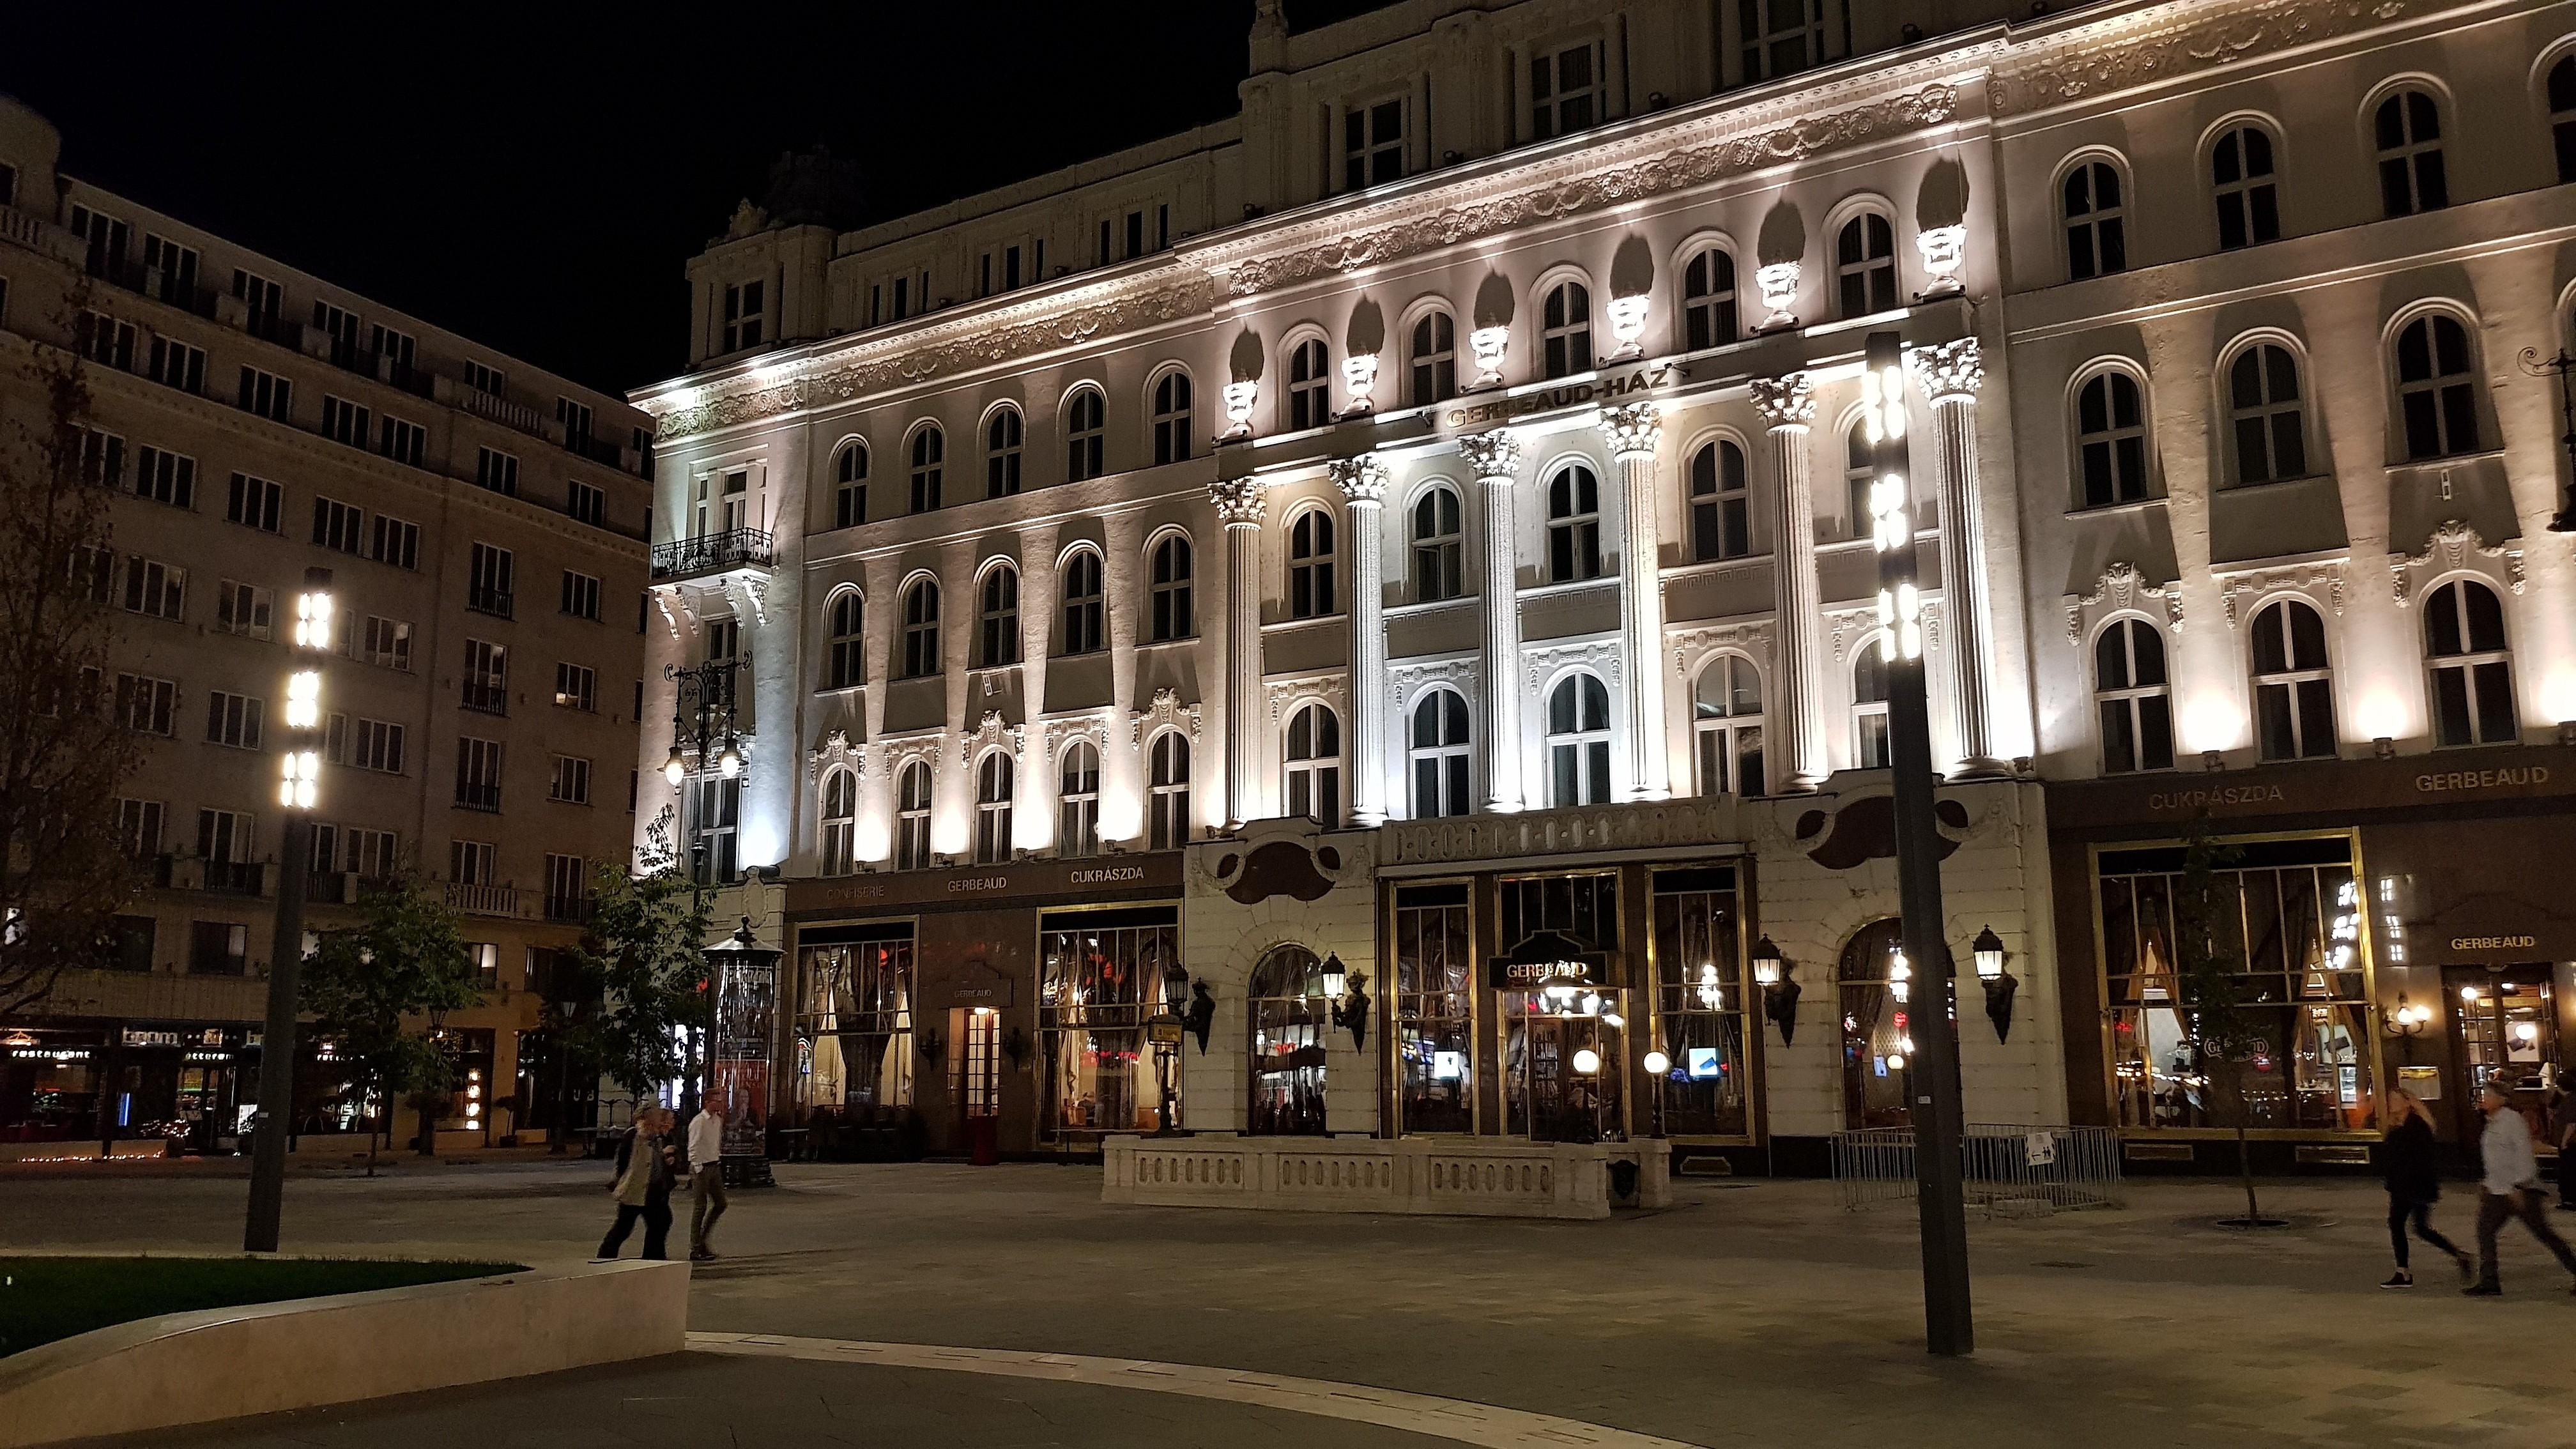 Budapest, Vörösmarty tér